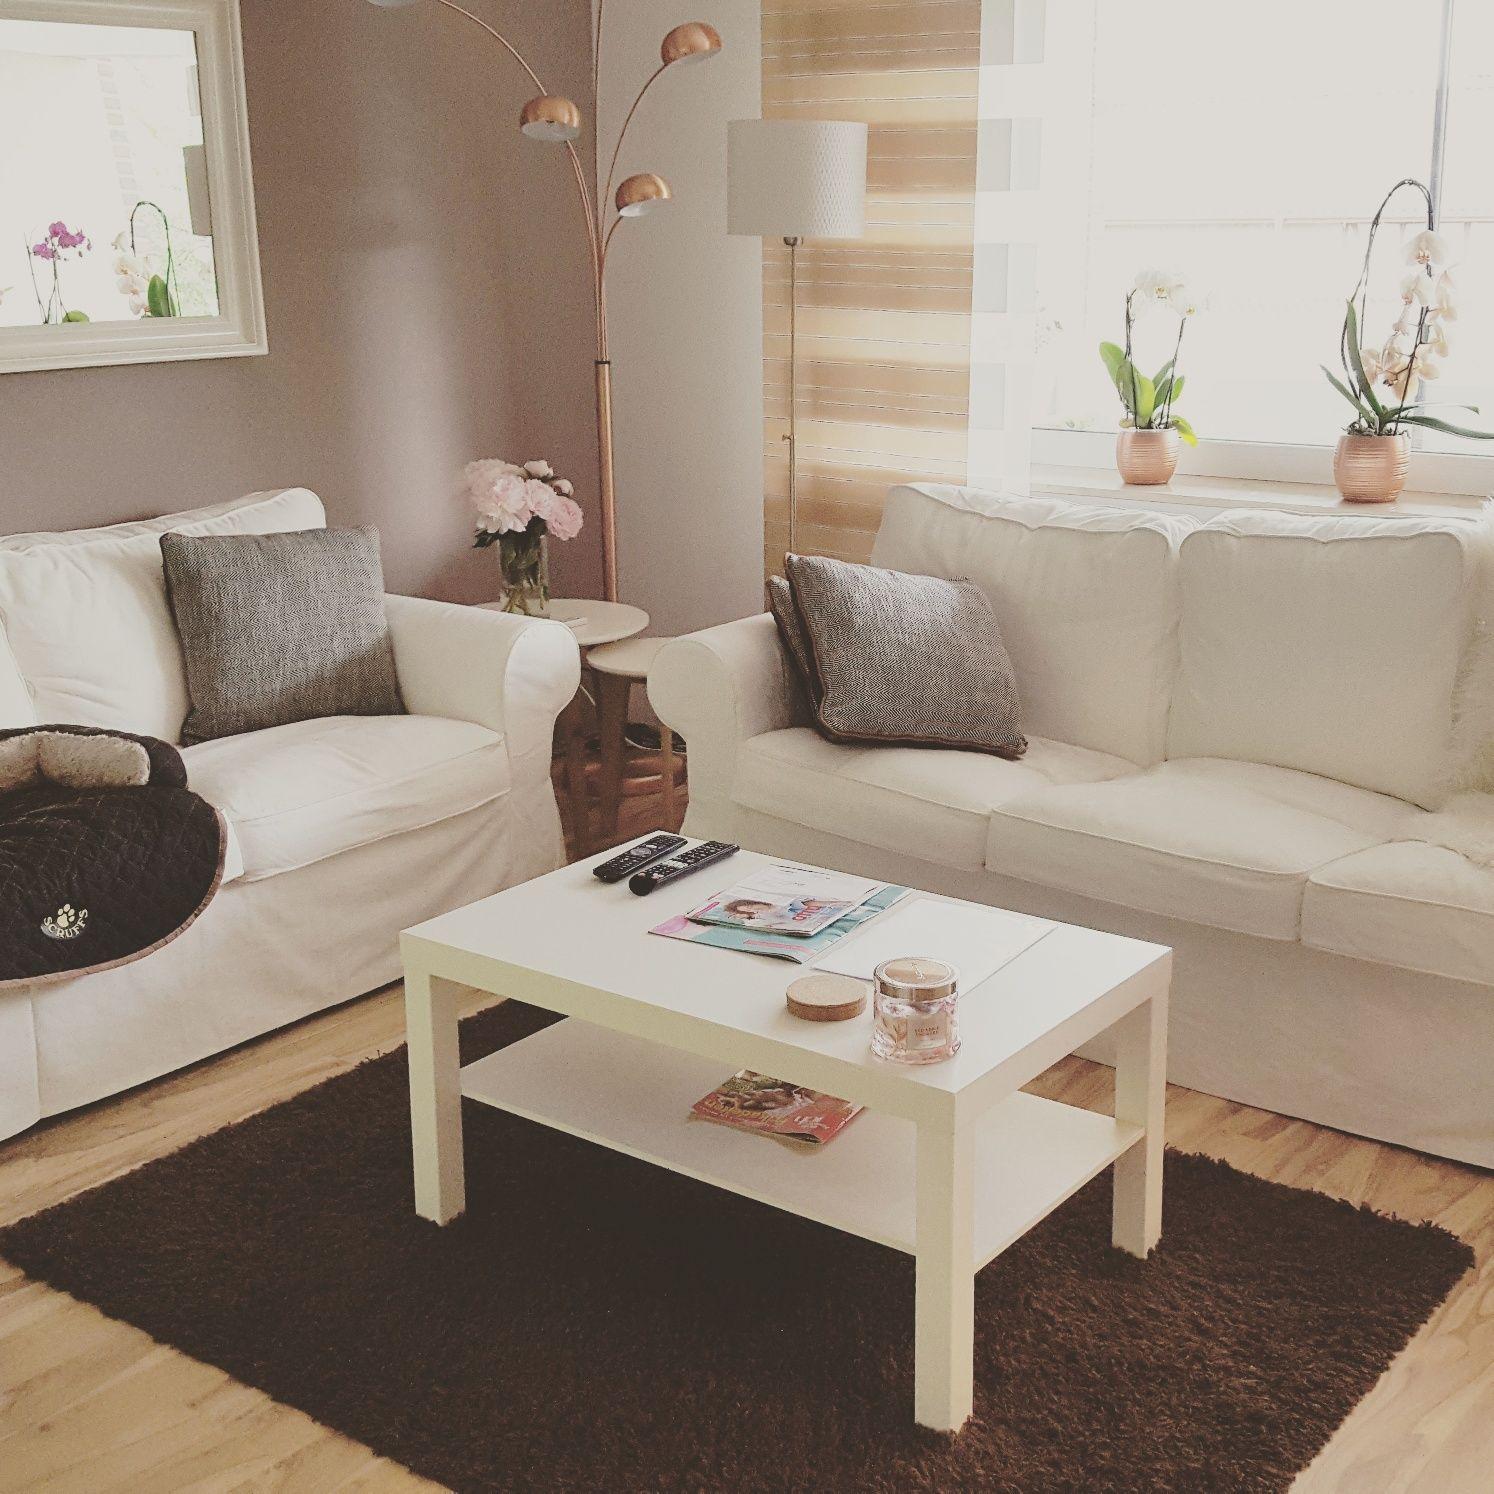 Mein Wohnzimmer, Ikea Ektorp, Ikea Lack